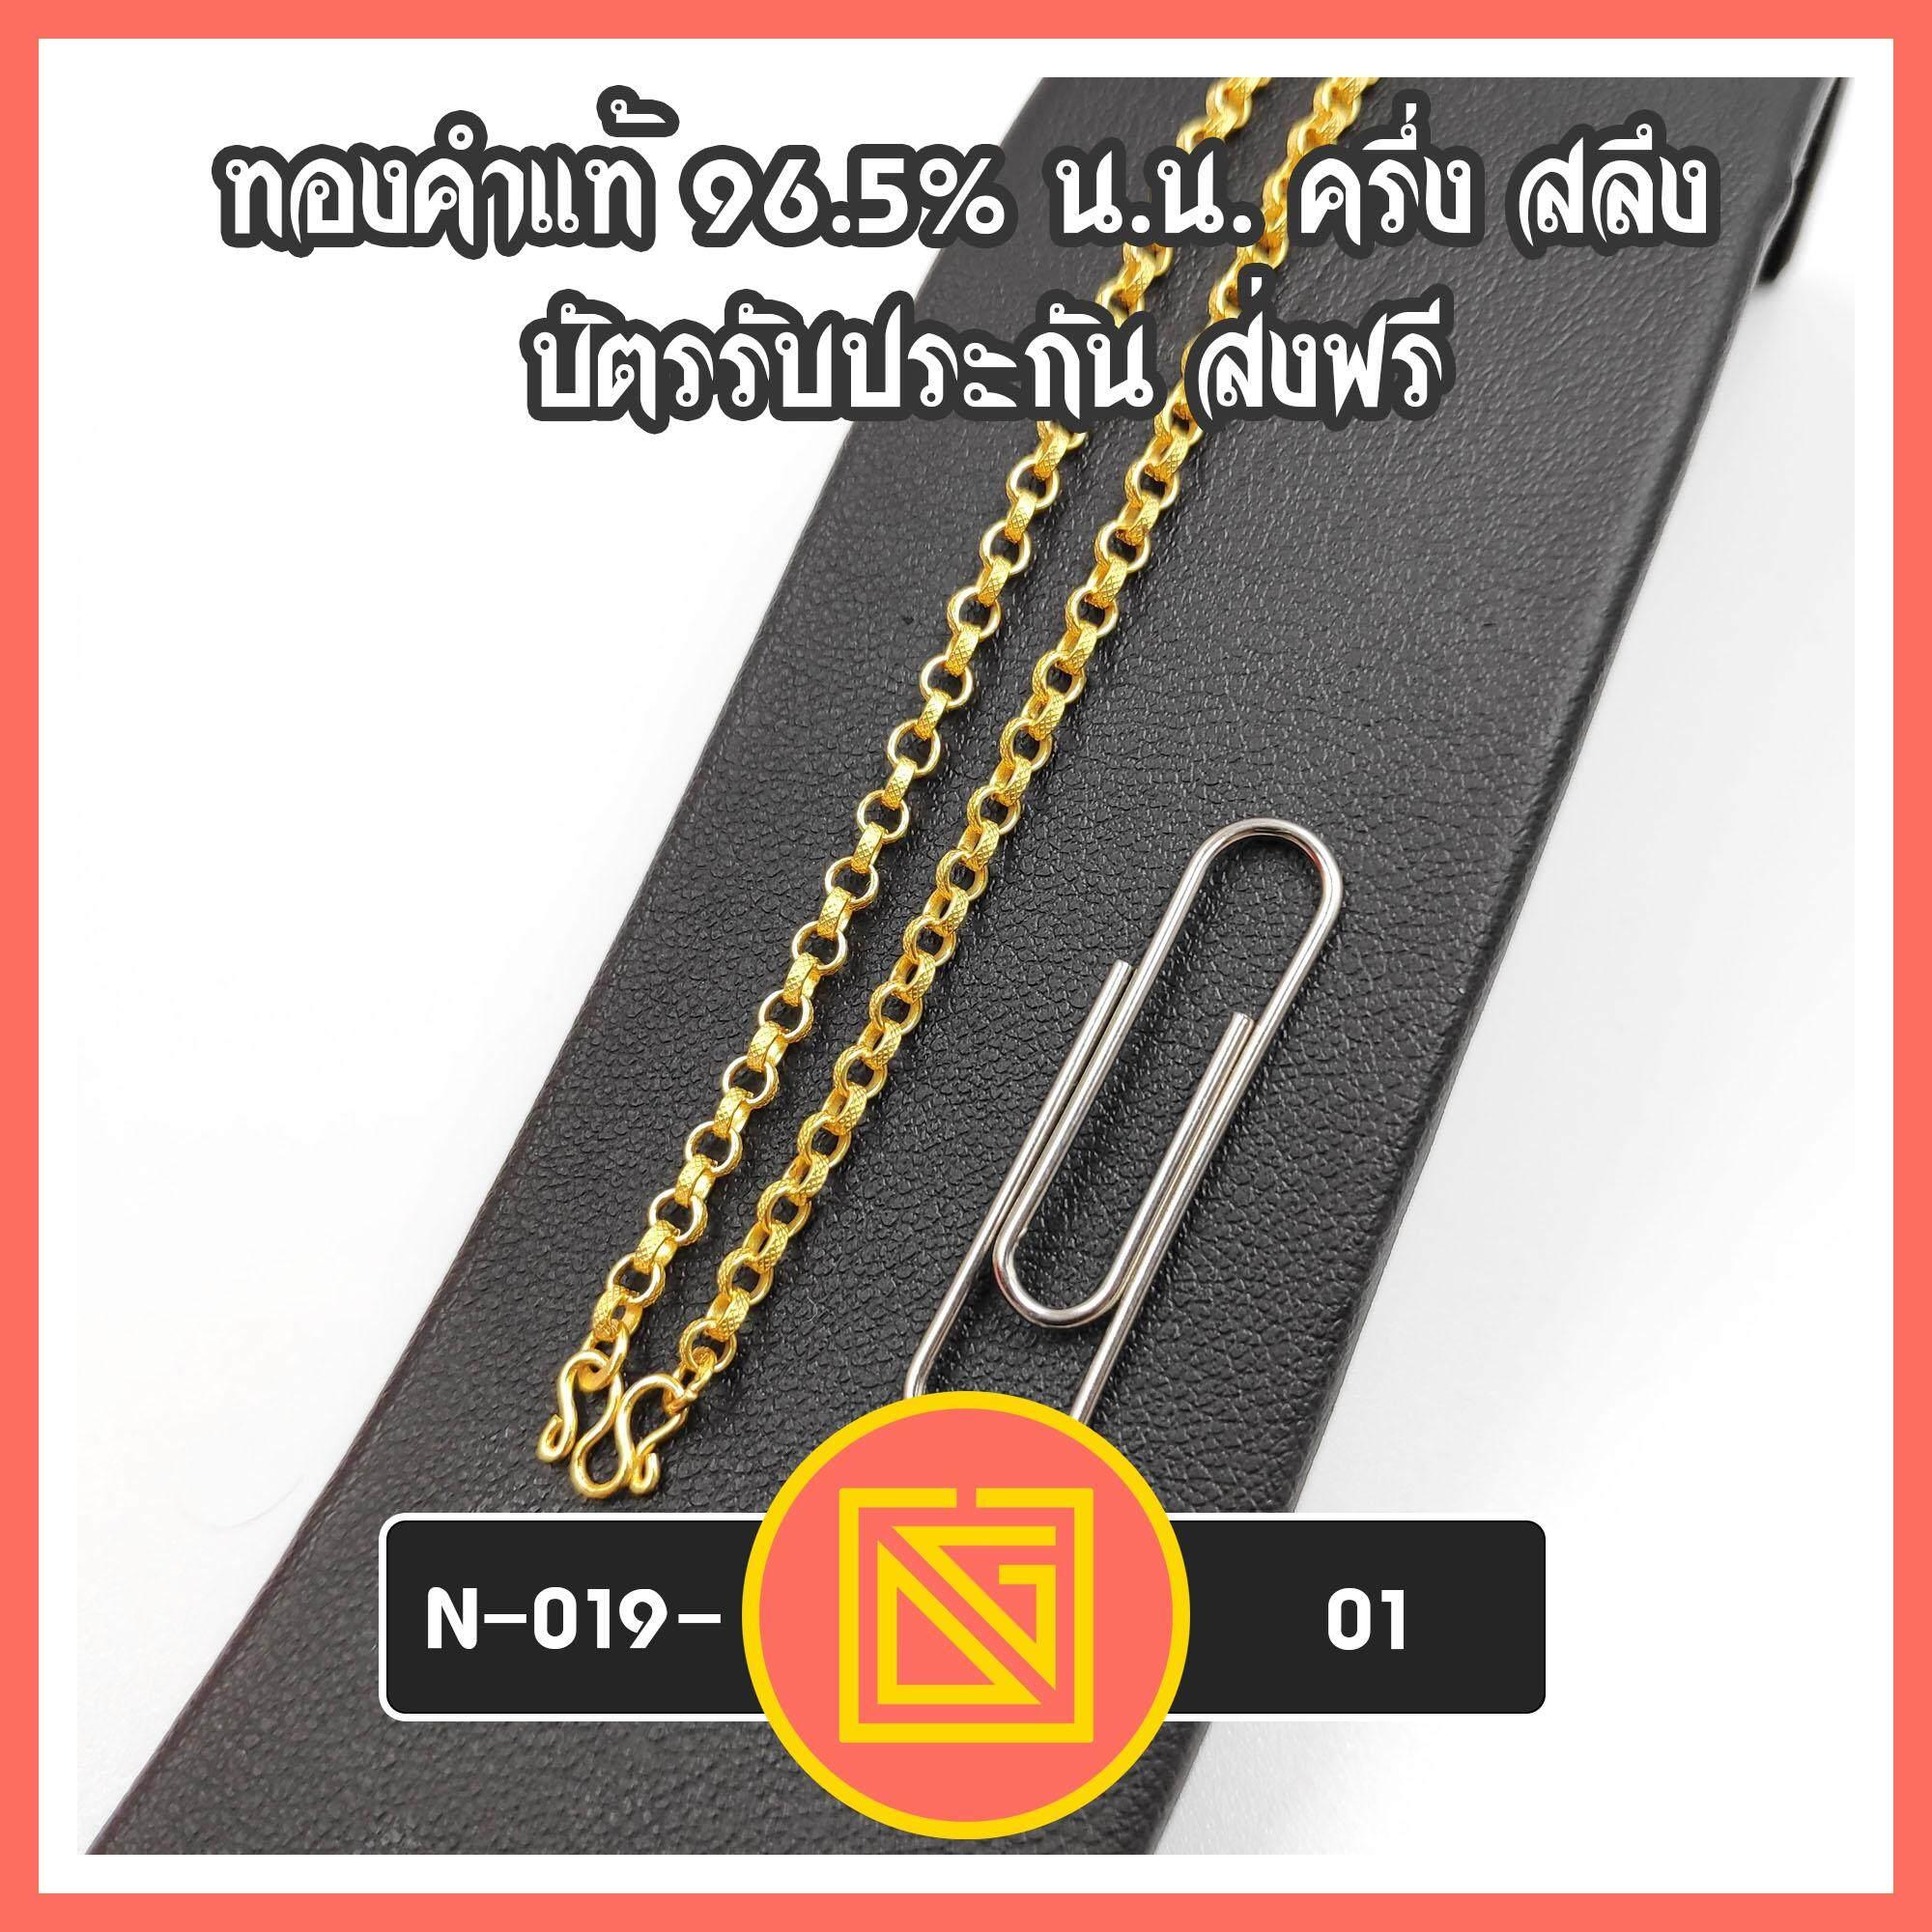 สร้อยคอทองคำแท้ 96.5% น้ำหนัก ครึ่งสลึง (1 เฟื้อง) ลาย ทาโร่ โปร่ง ยาว 16 นิ้ว ขายได้ จำนำได้ บัตรรับประกัน ส่งฟรี Doogold N-019-01.